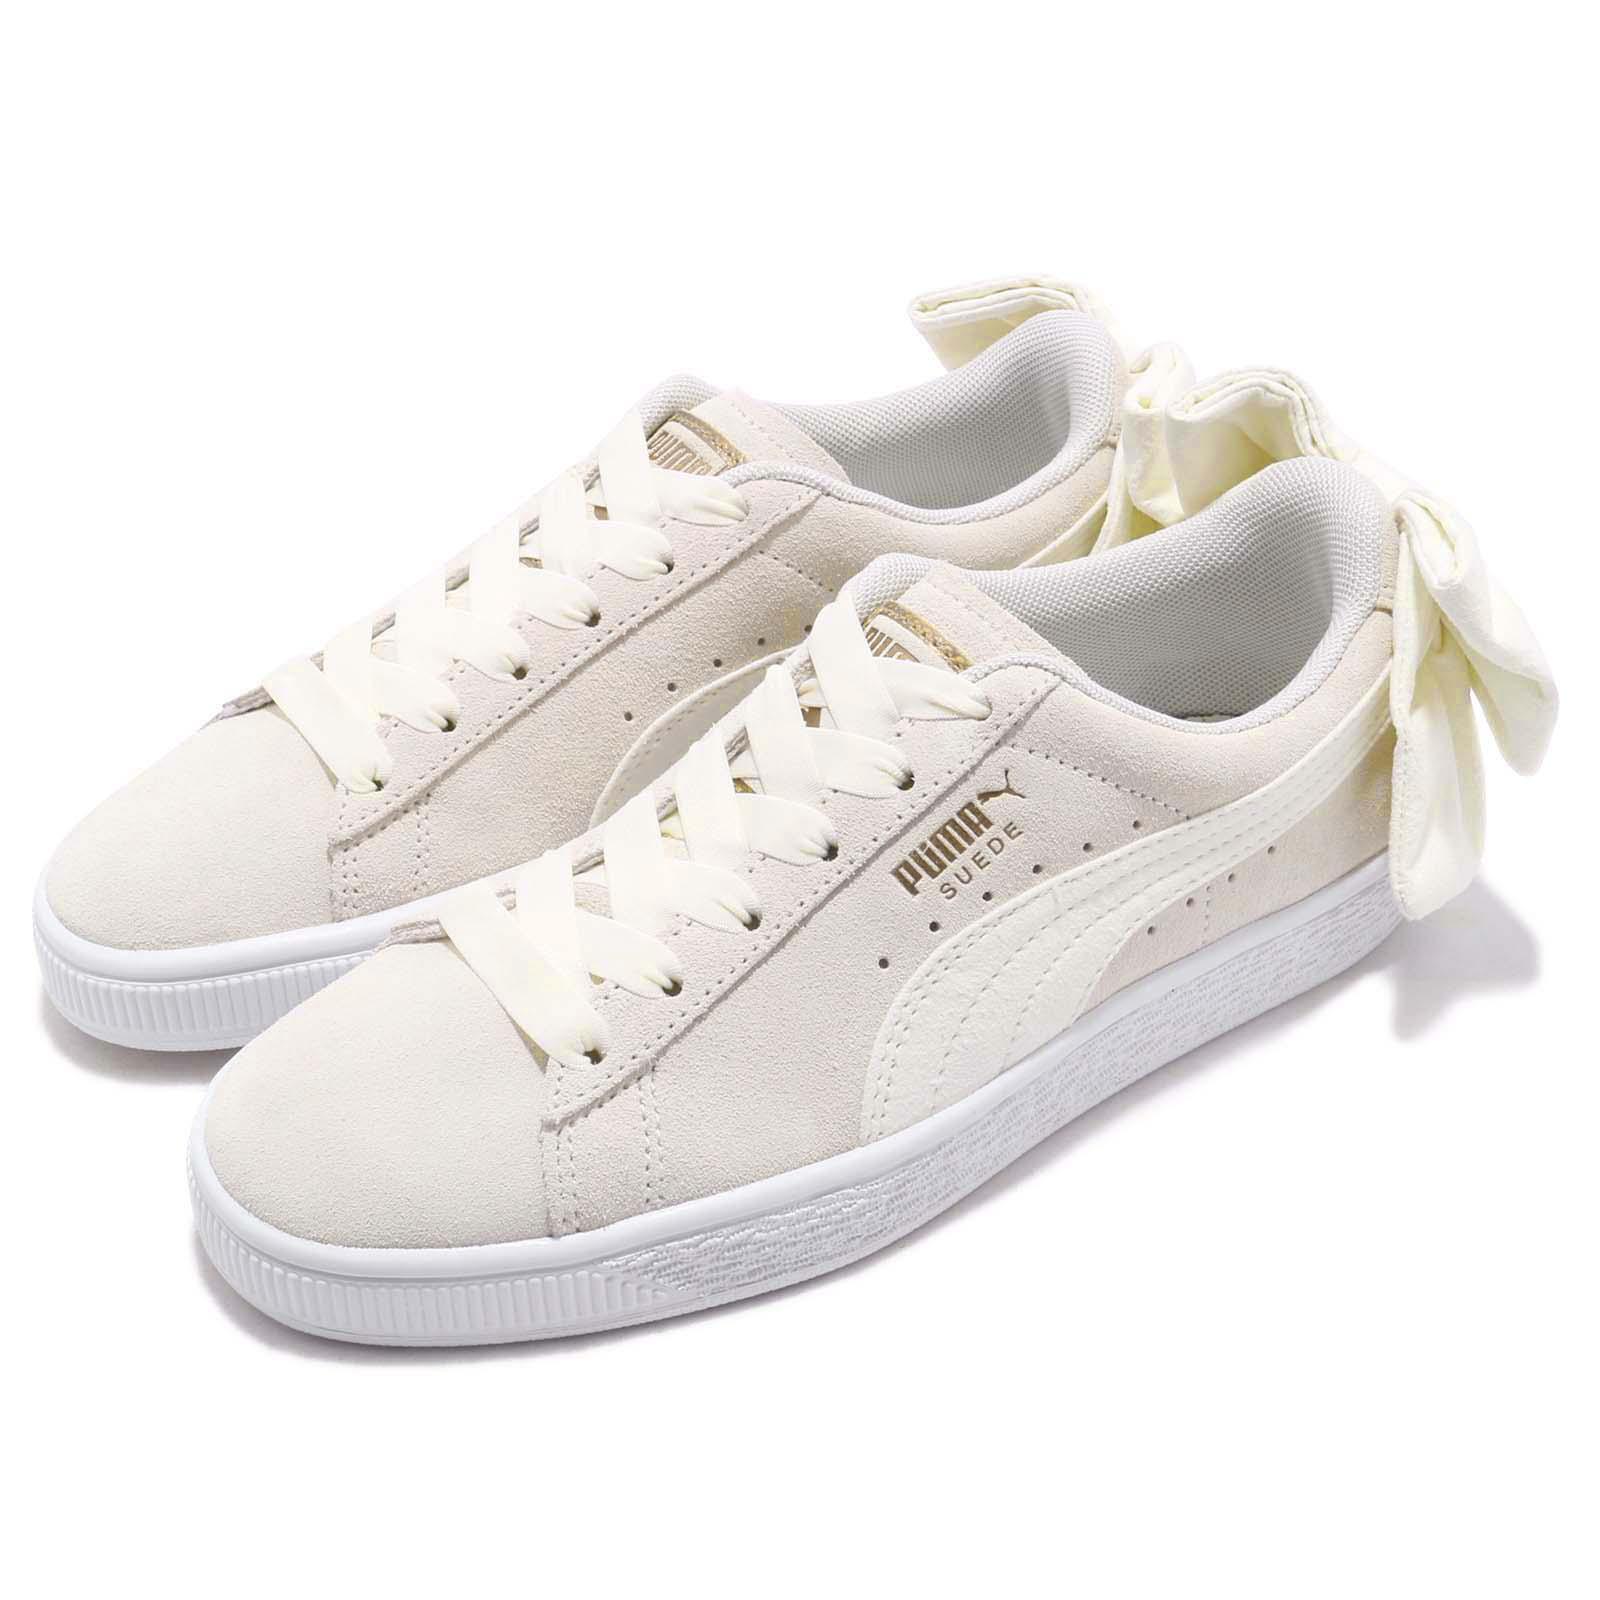 Puma 休閒鞋 Suede Bow 低筒 運動 女鞋 36677902